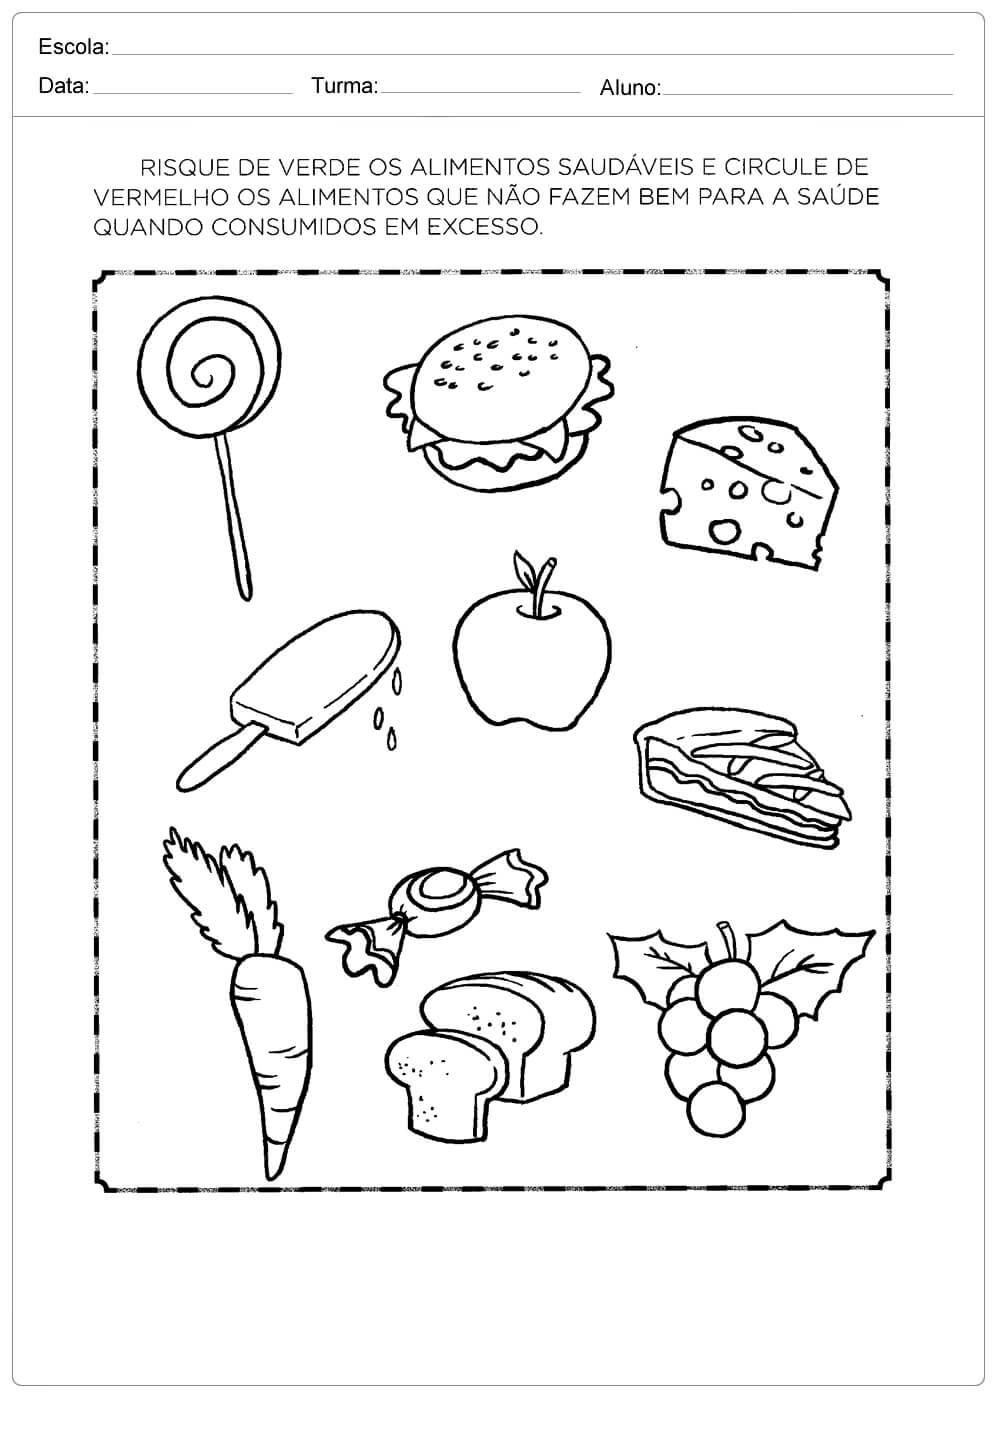 Atividades Sobre Alimentacao Saudavel Para Ensino Fundamental